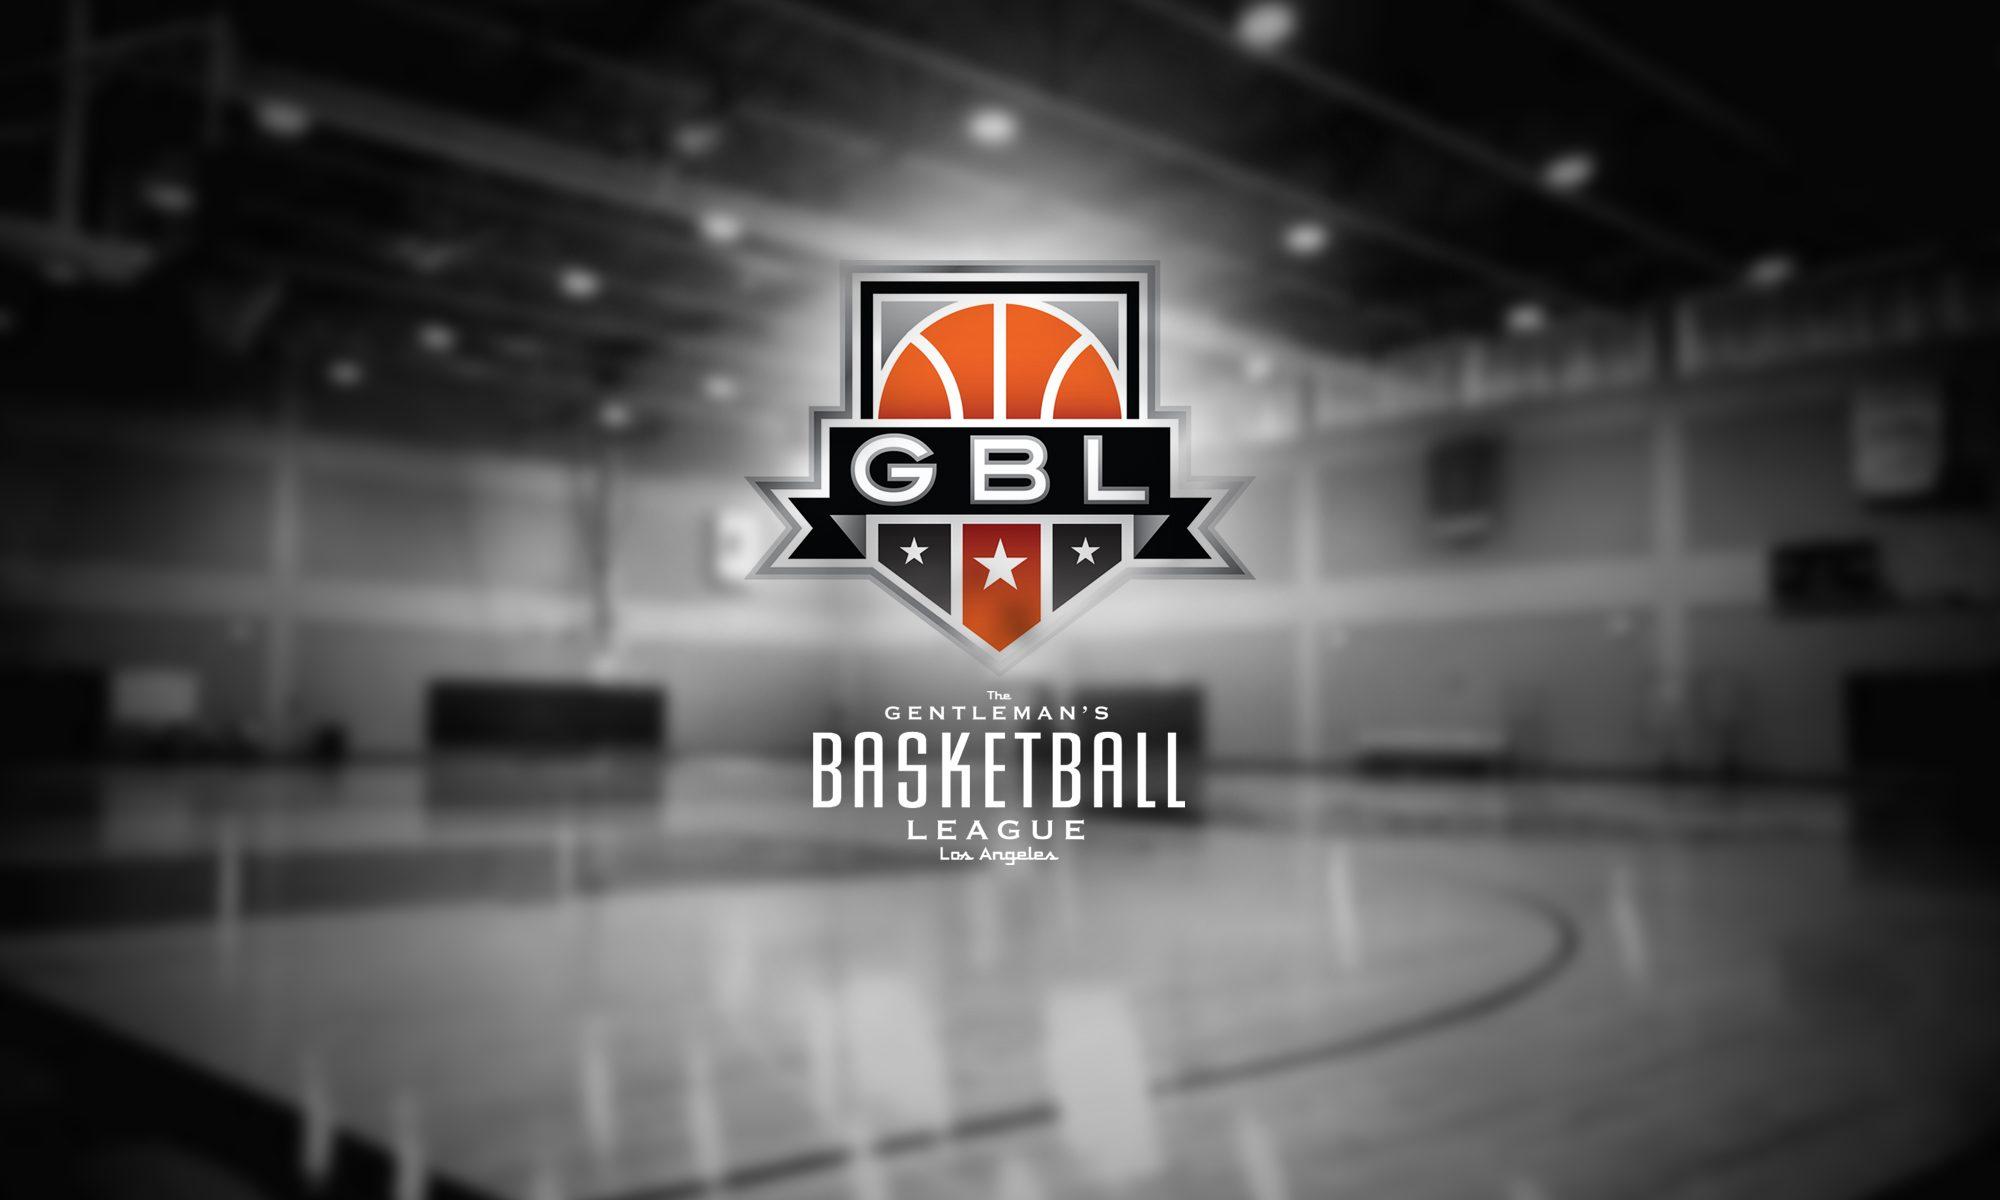 Gentleman's Basketball League